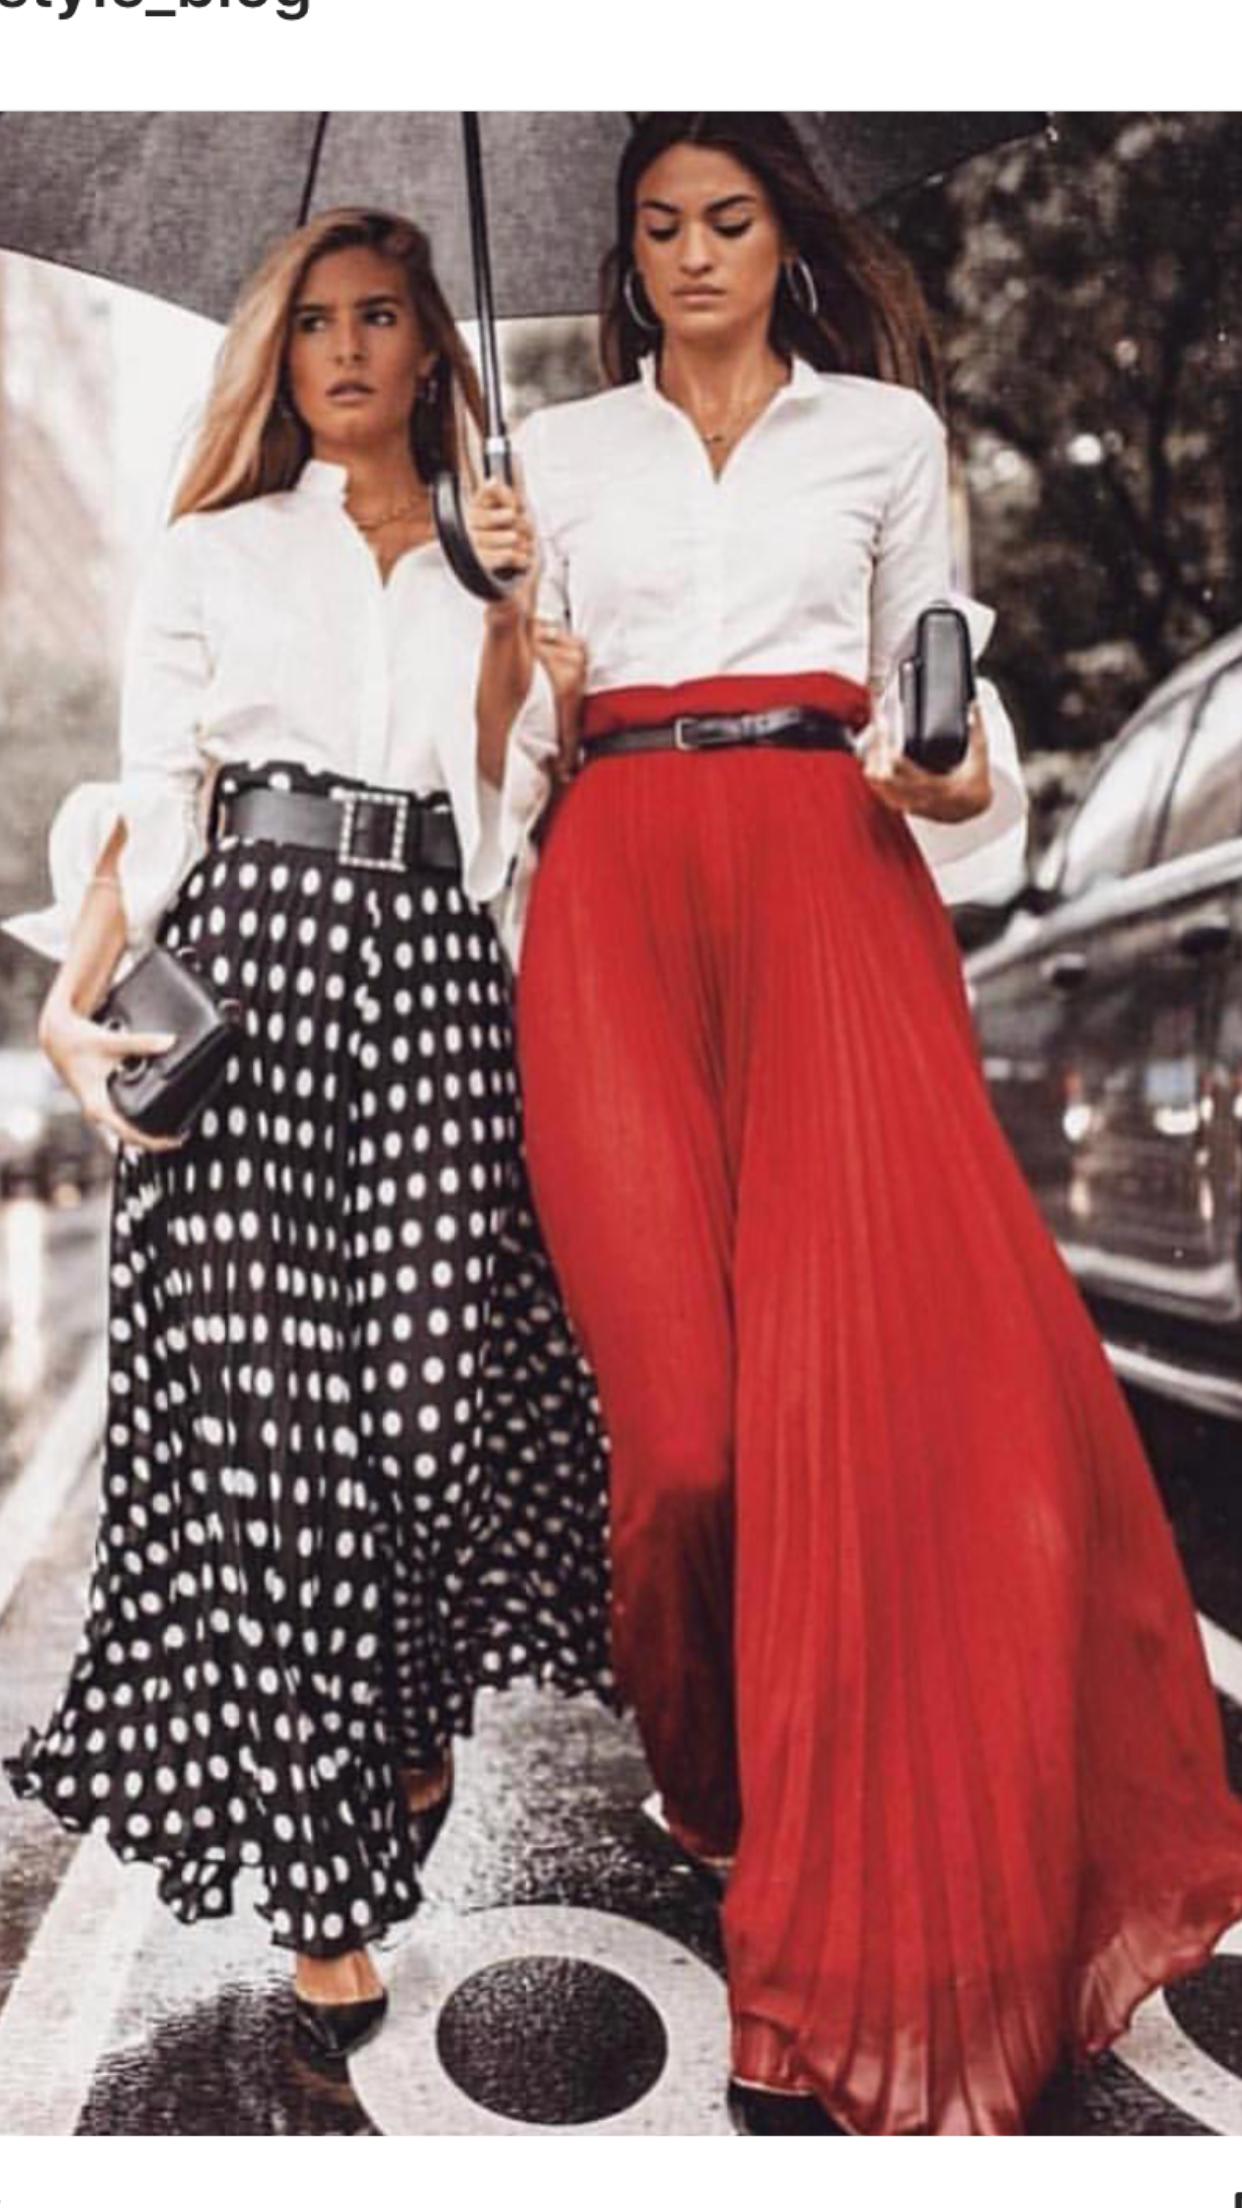 aadd98cdd0e Blusa y falda plisada larga con cinturón. | rayas en 2019 | Faldas ...